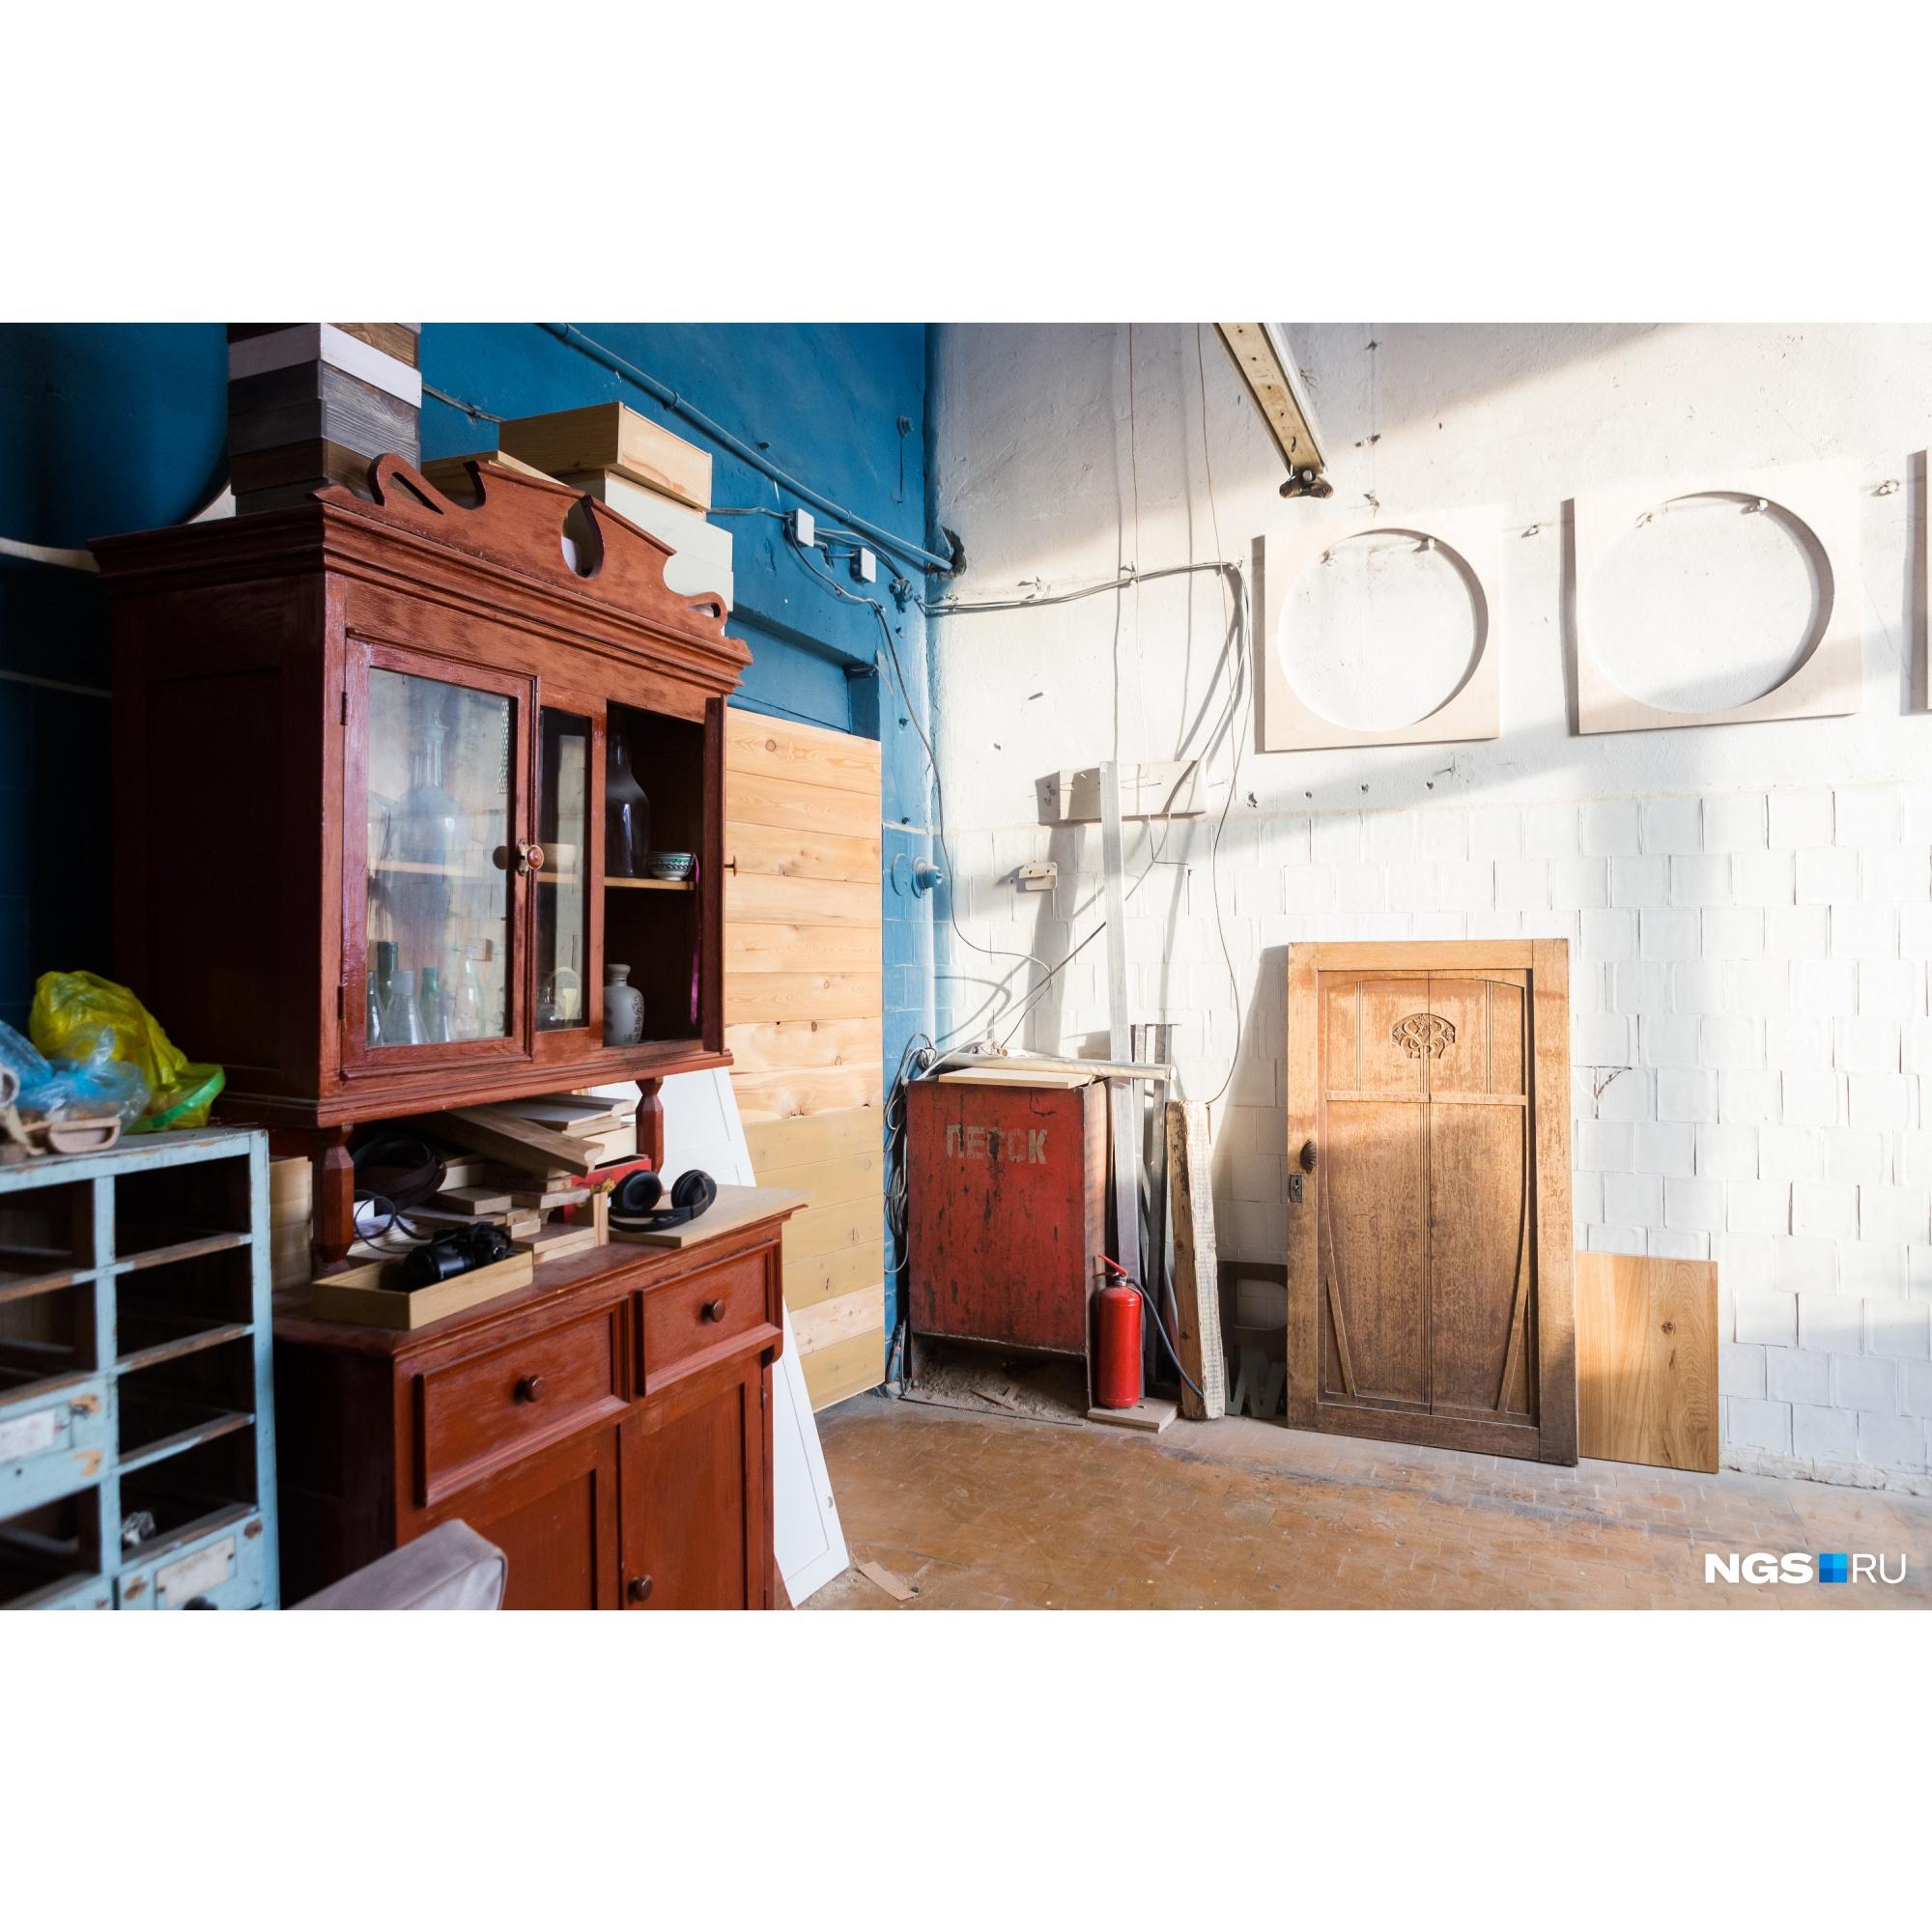 В их мастерской стоит ещё и старая мебель, которую они хотят отреставрировать или применить в каком-нибудь проекте